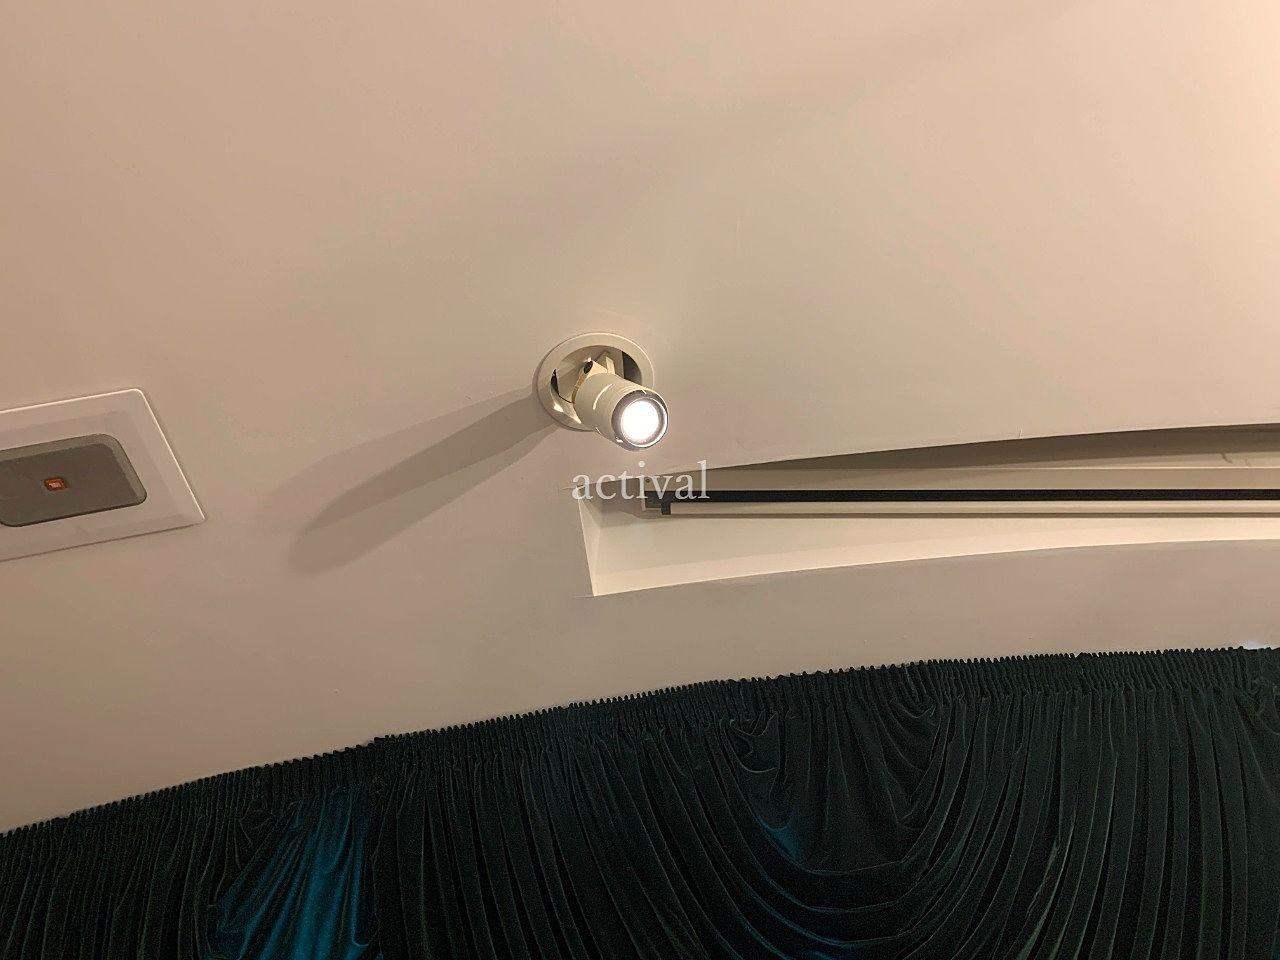 ア・ス・ヴェルデホールのスポットライトの電球交換をしました。